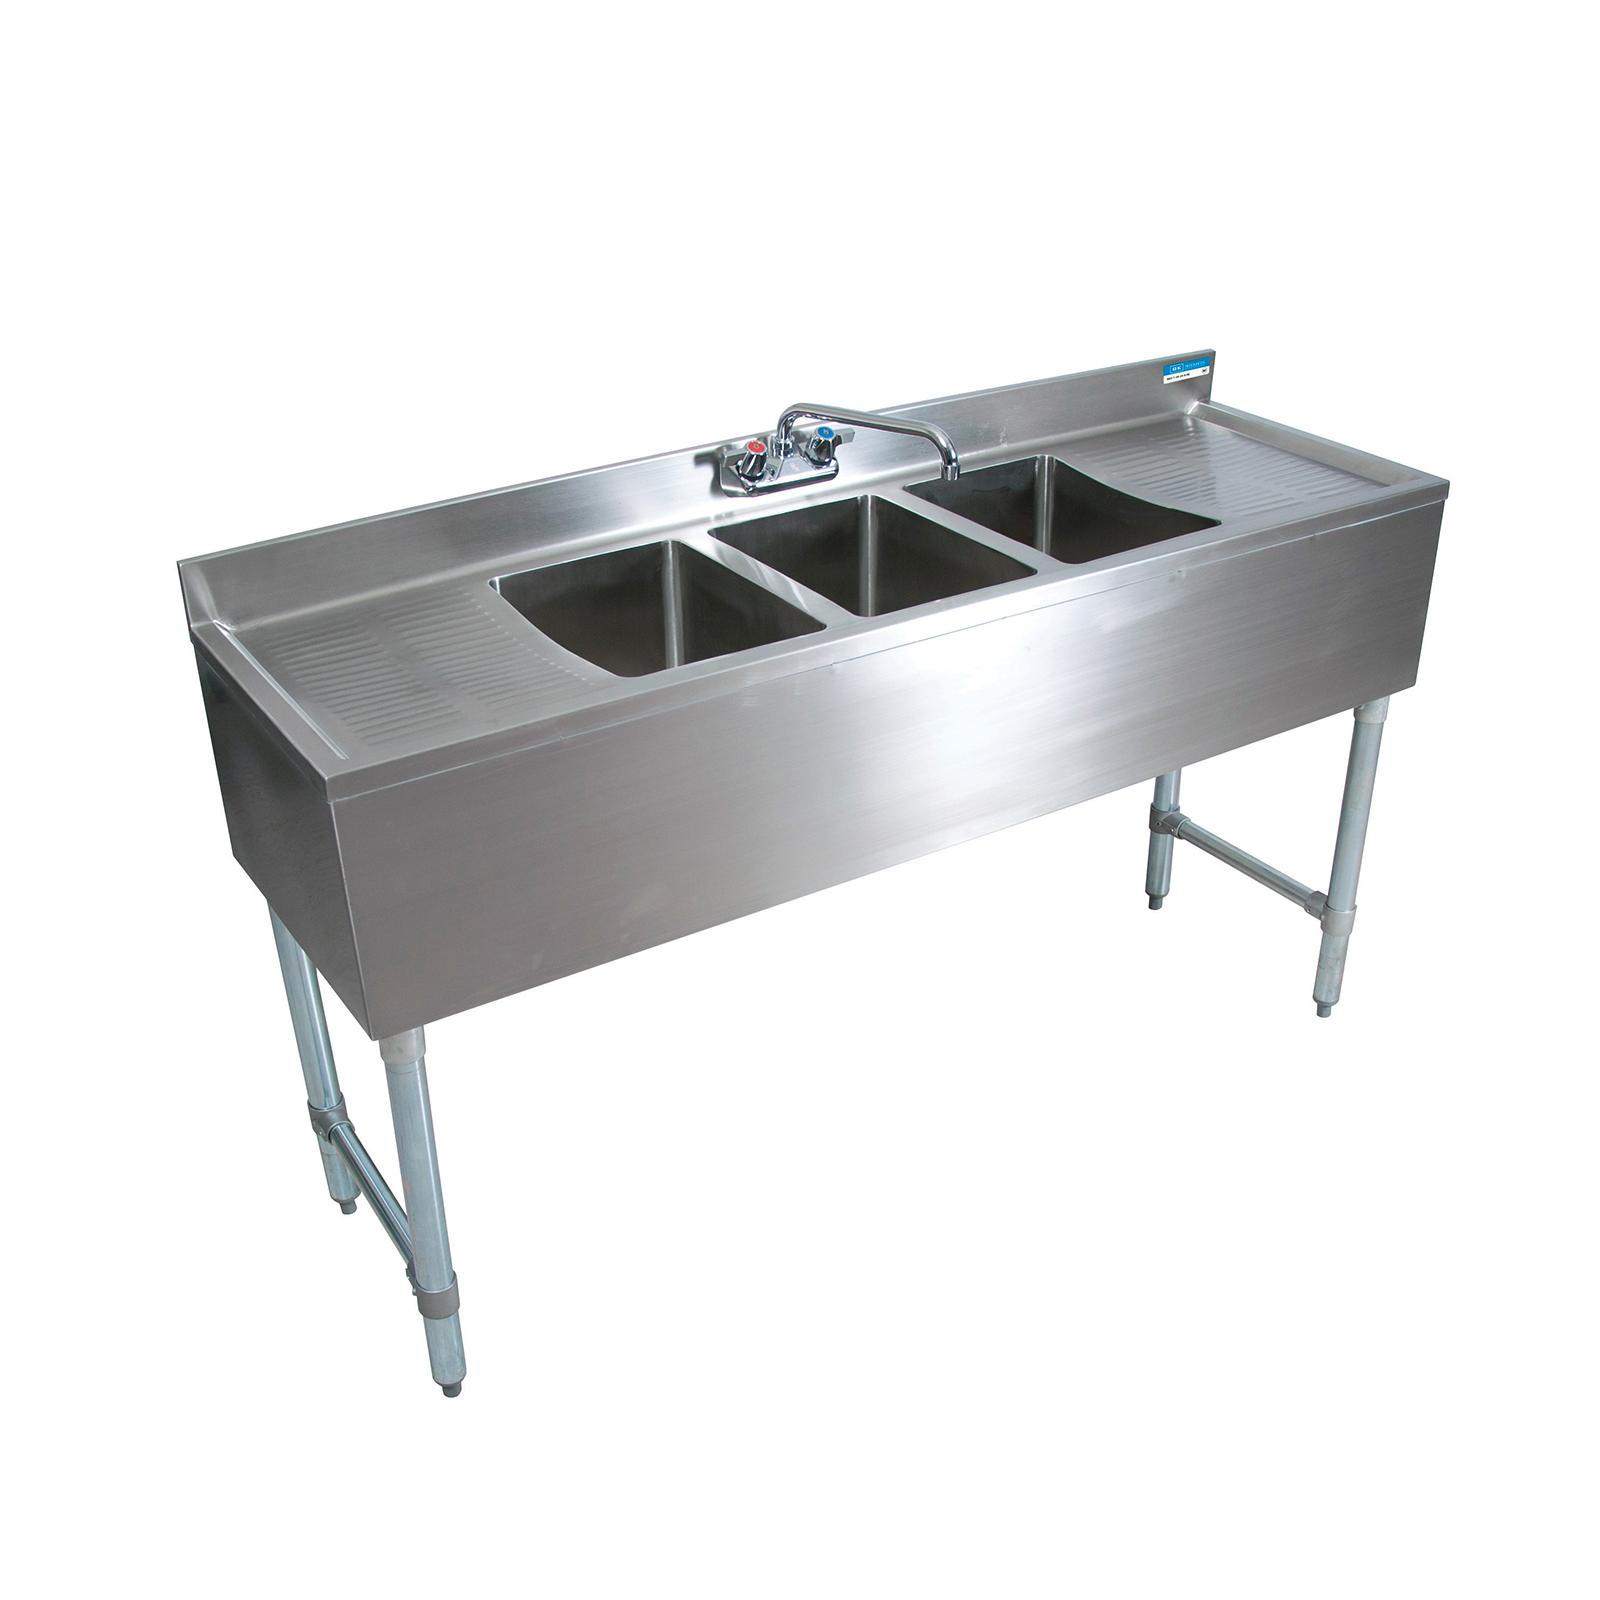 BK Resources BKUBW-372TS underbar sink units